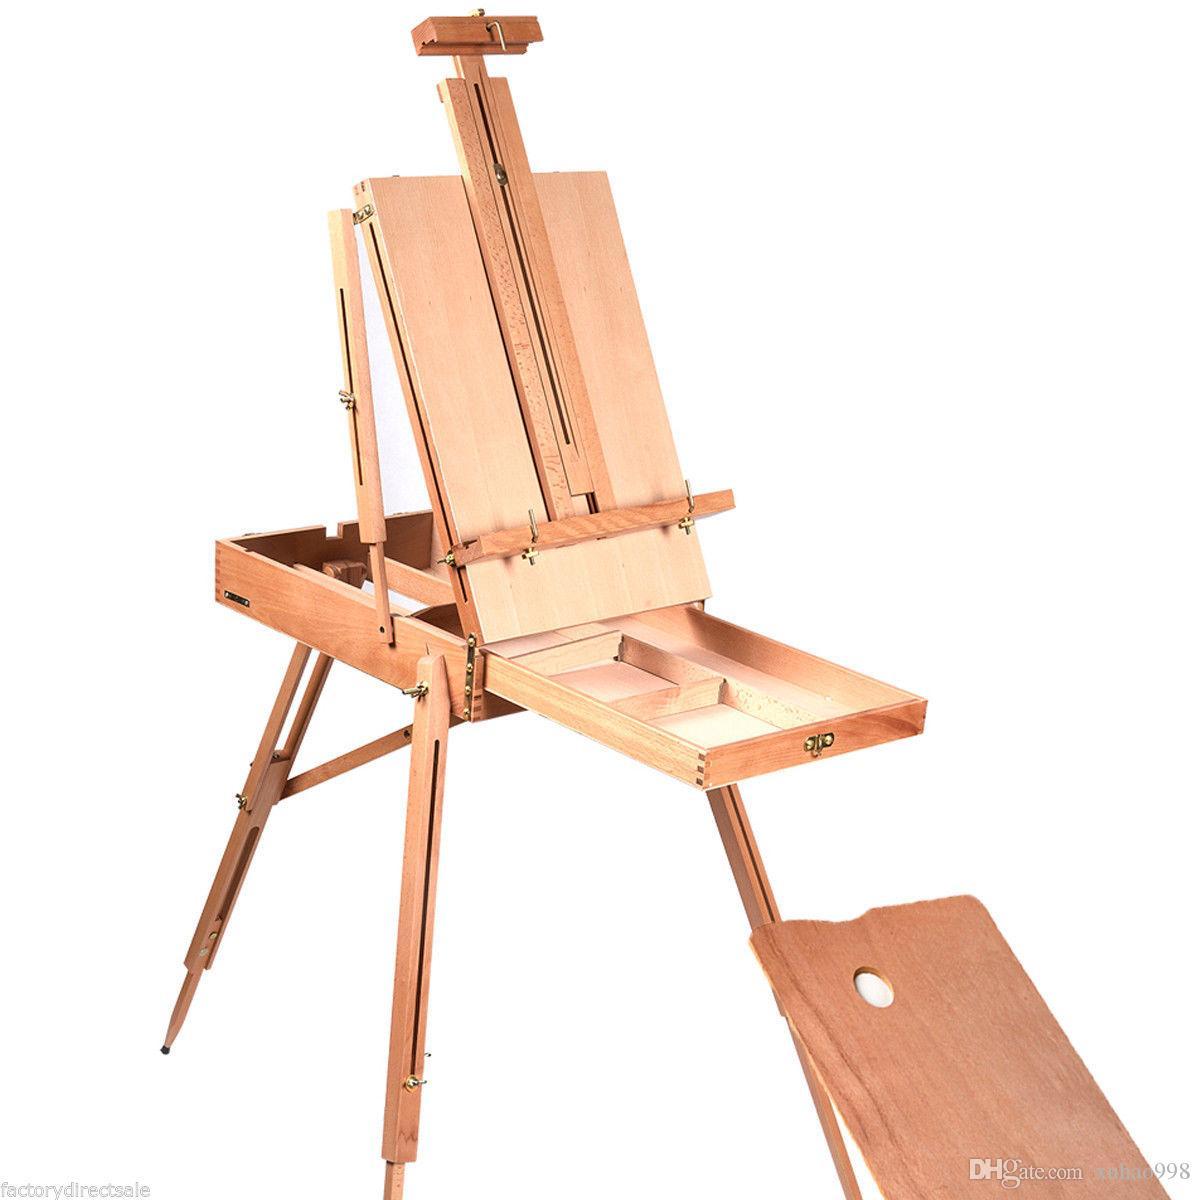 Français Chevalet en bois Sketch Box Folding Durable Artiste Peintres Trépied